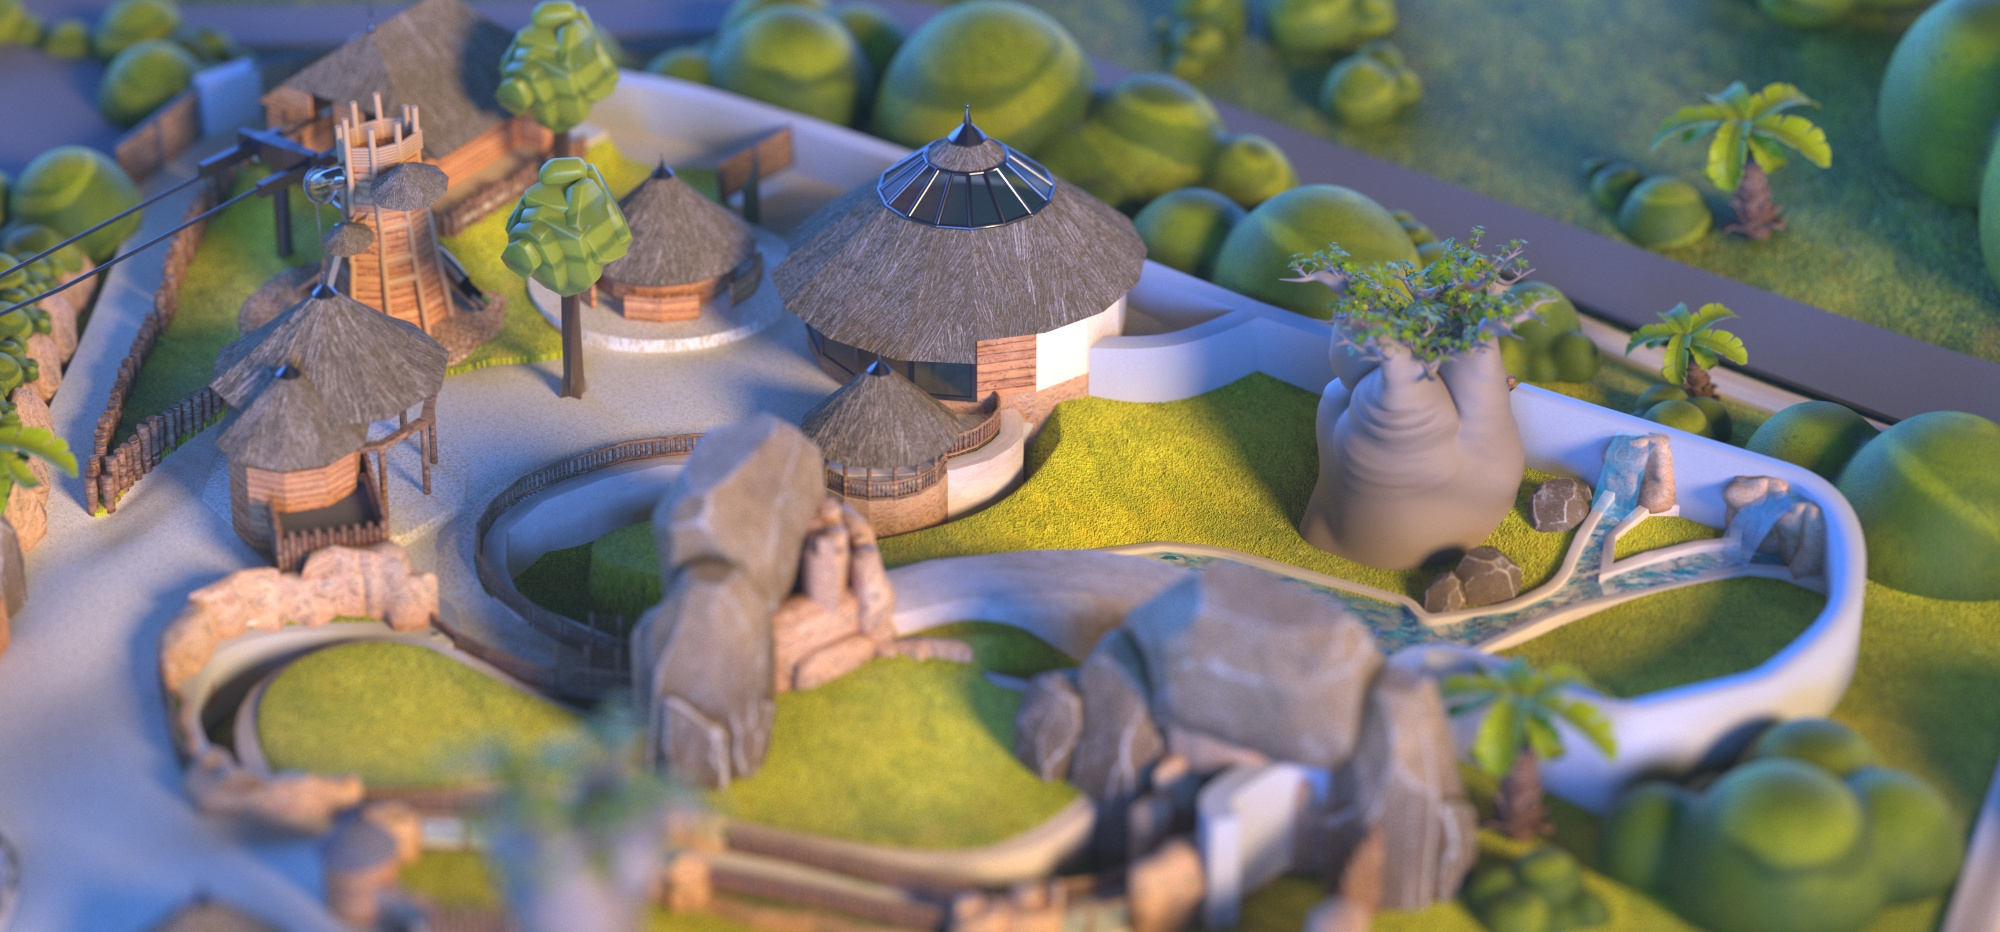 Dripmoon - Visuel en 3D pour le zooparc de Beauval